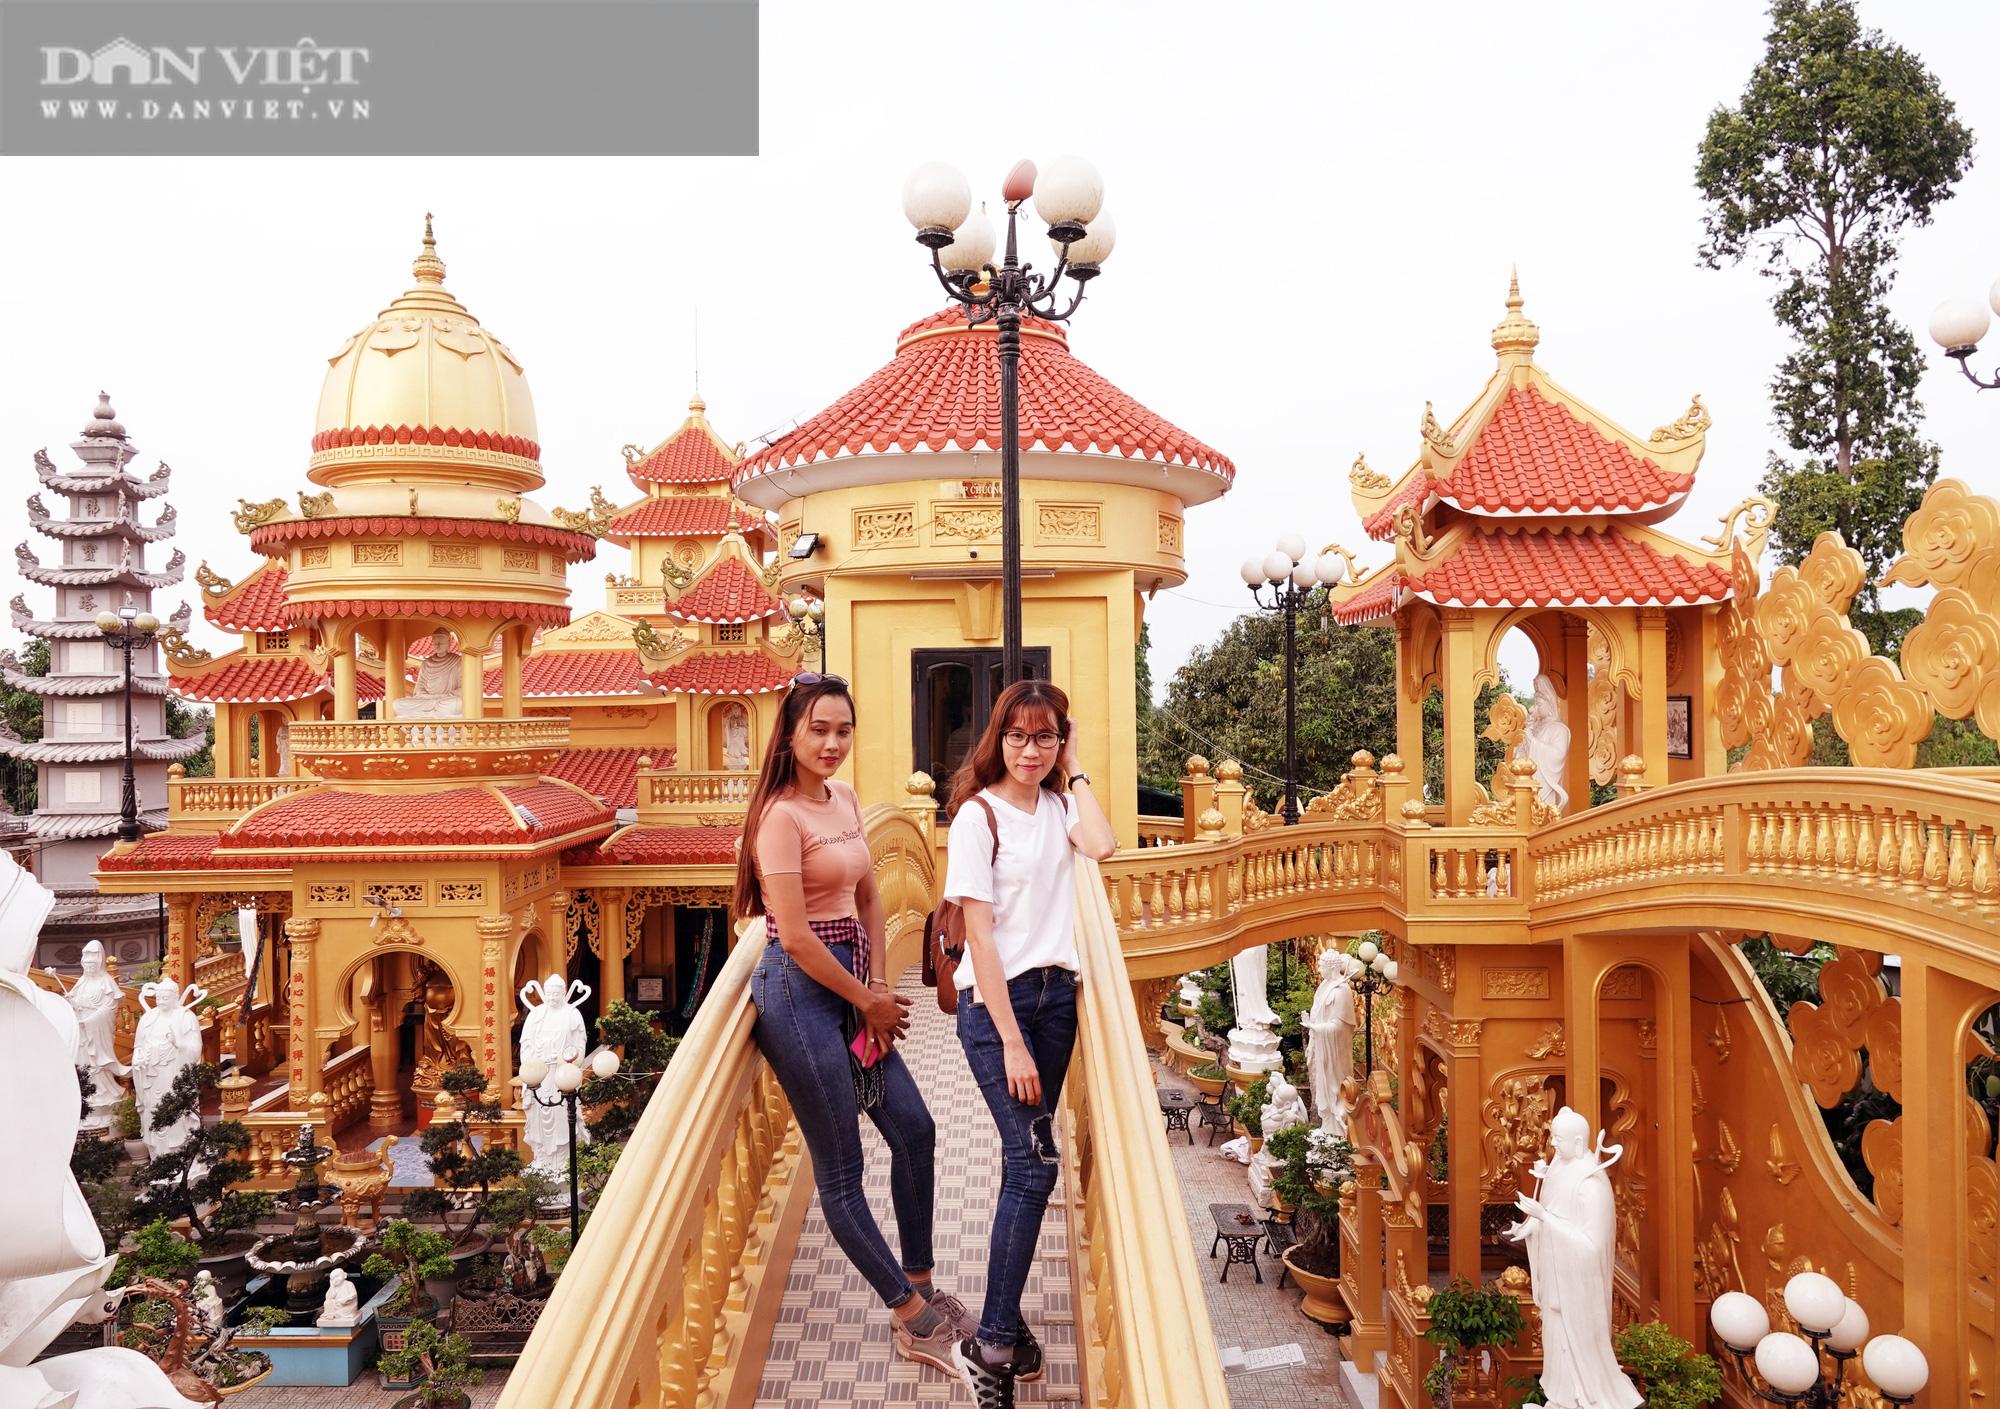 Ngôi chùa ở Cù Lao Giêng với quần thể tượng Phật đạt kỷ lục Việt Nam có gì đặc biệt? - Ảnh 8.